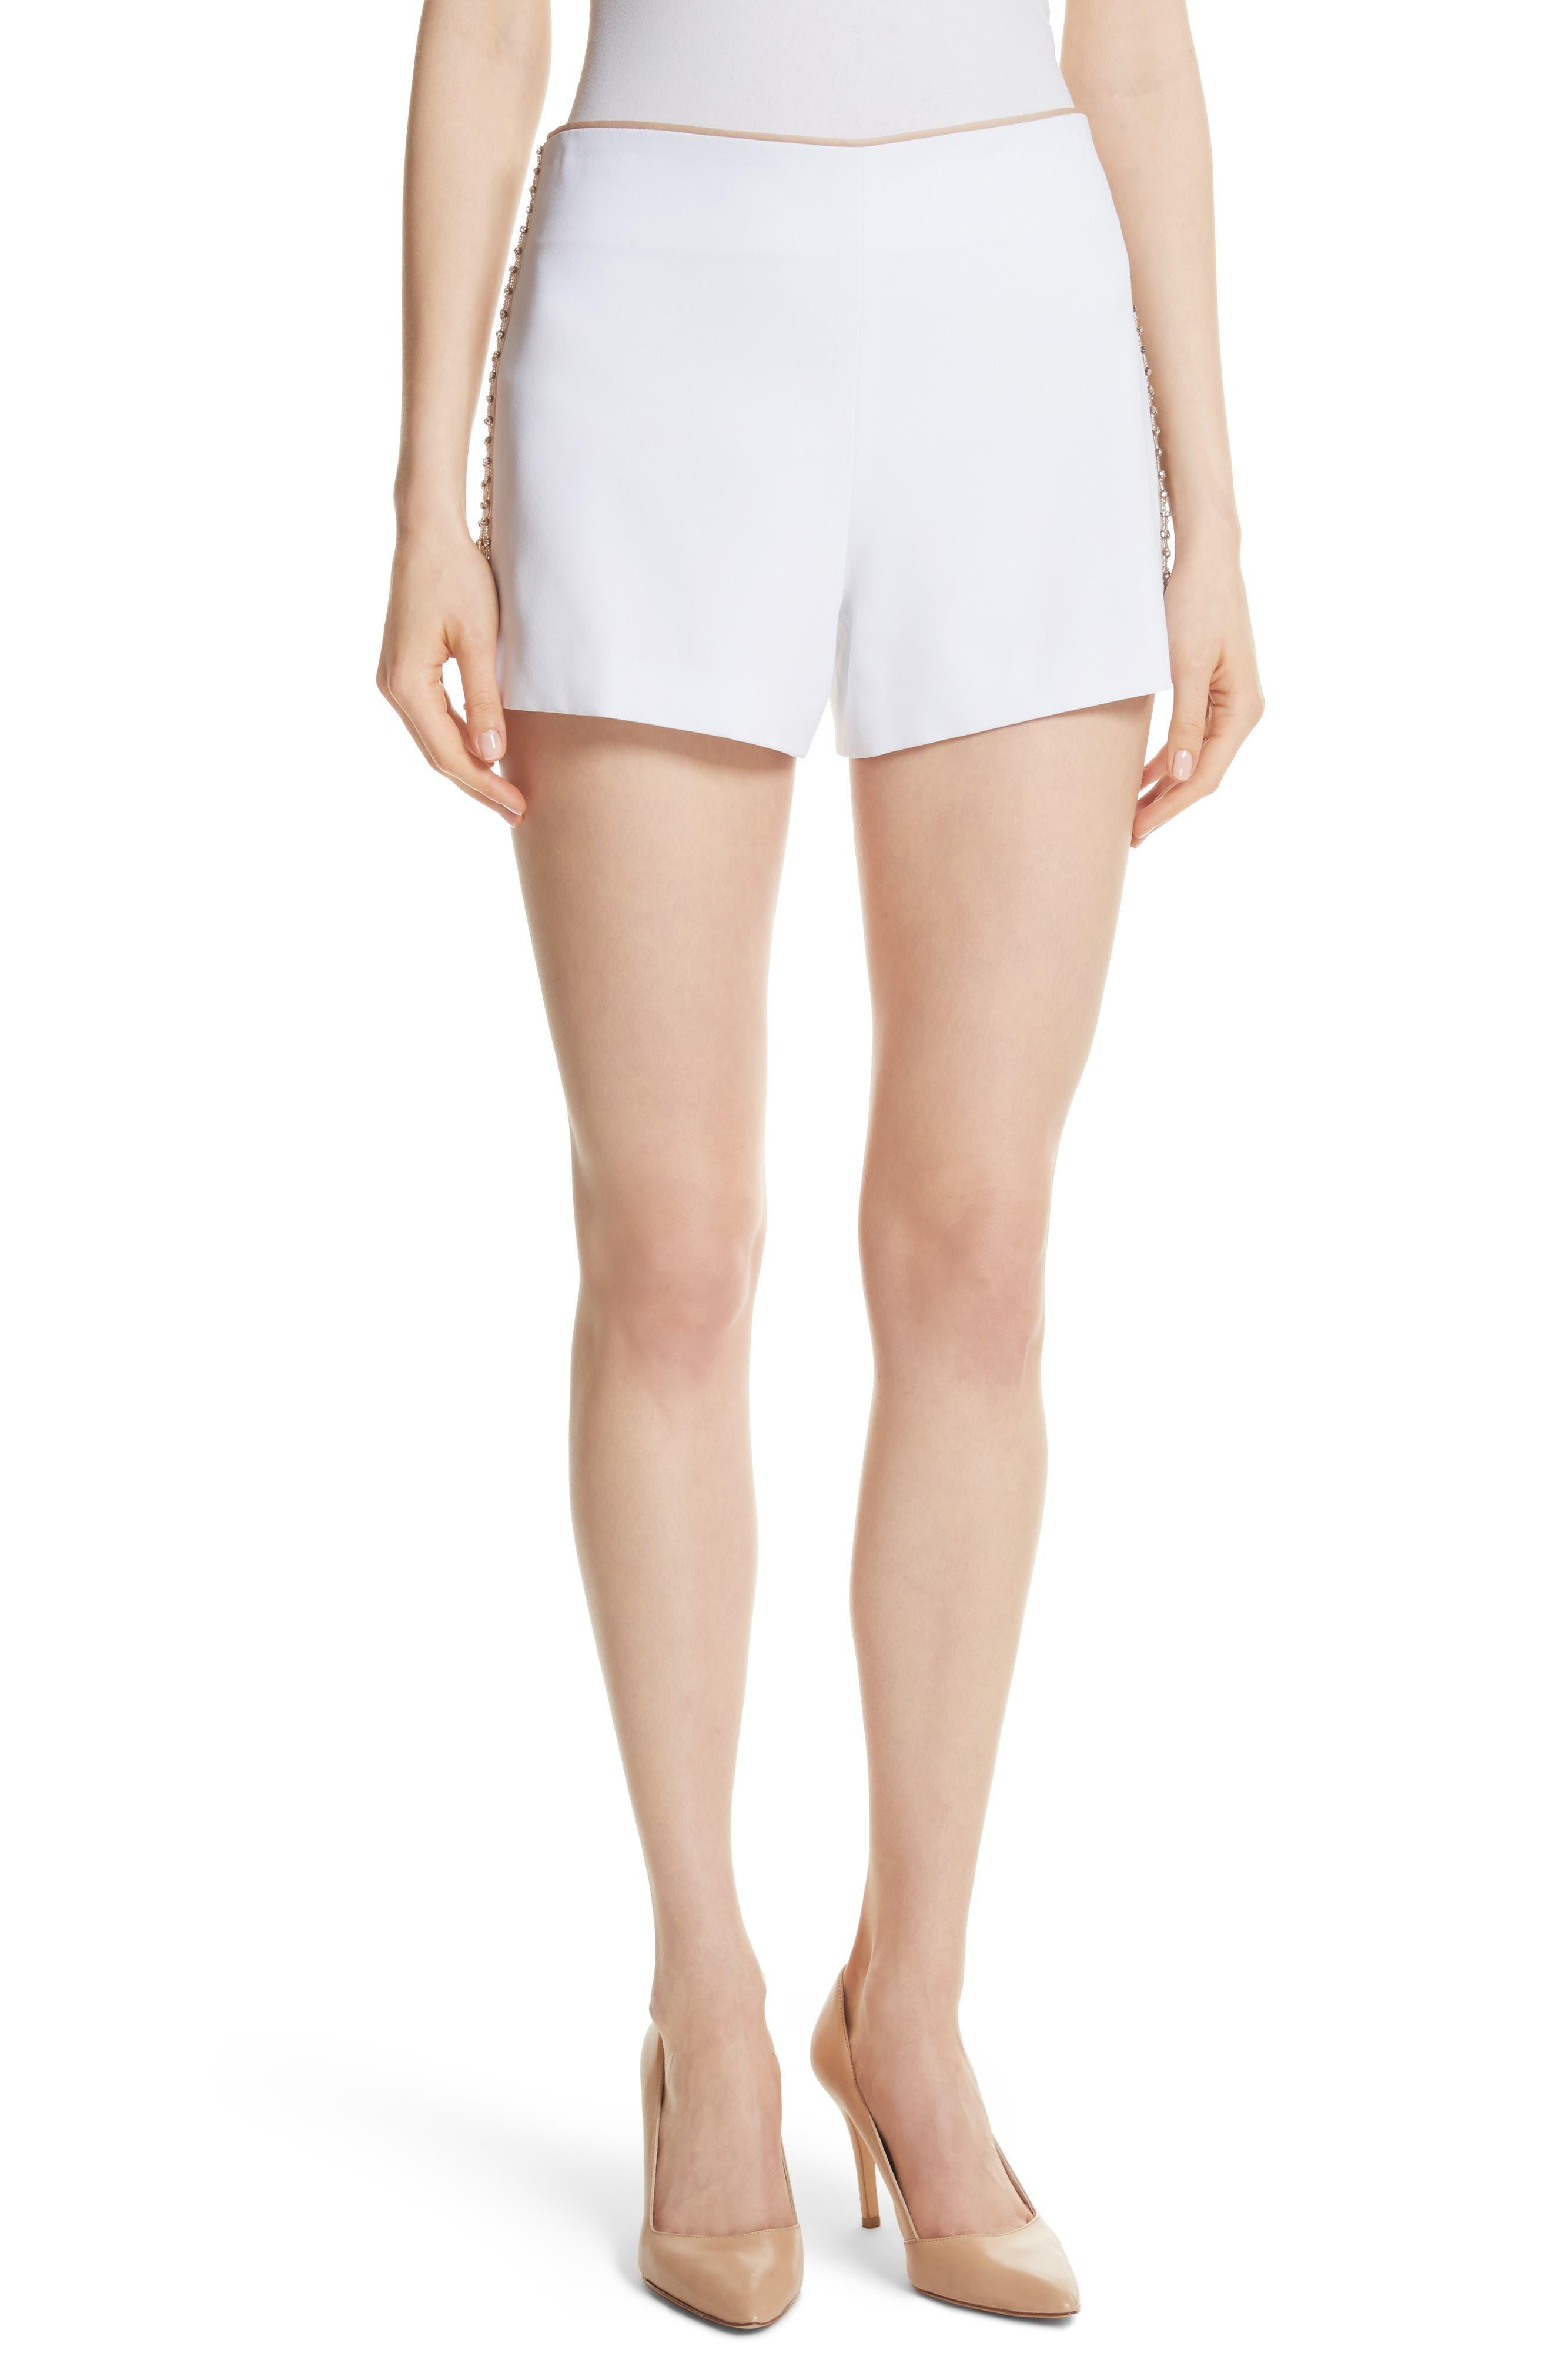 Sherri Embellished Shorts,                             Main thumbnail 1, color,                             100